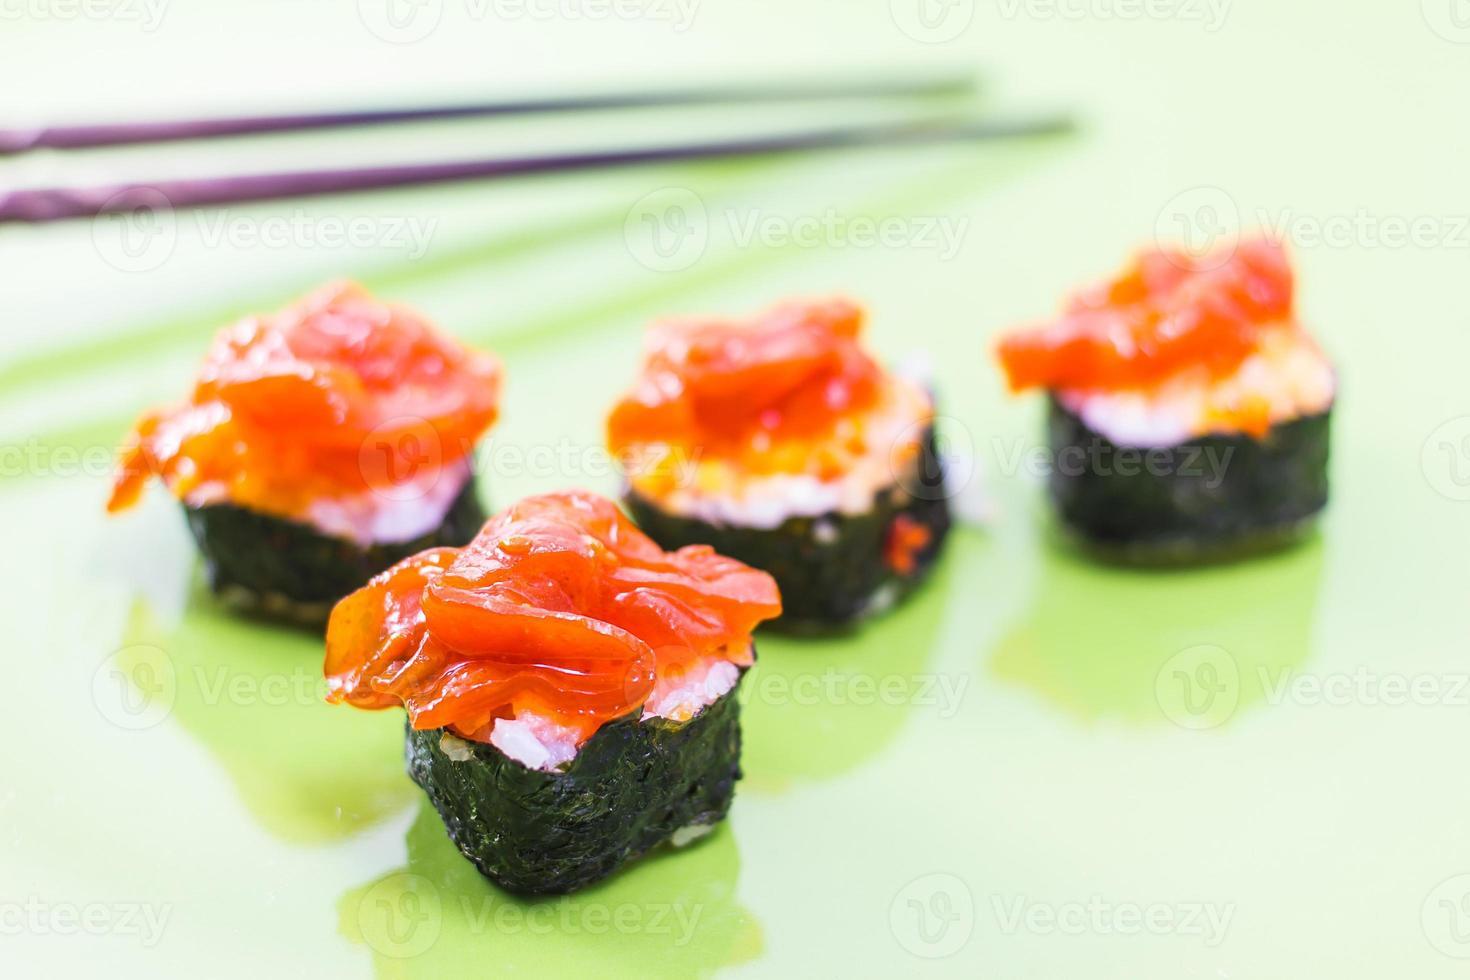 rolos de sushi comida japonesa tradicional foto